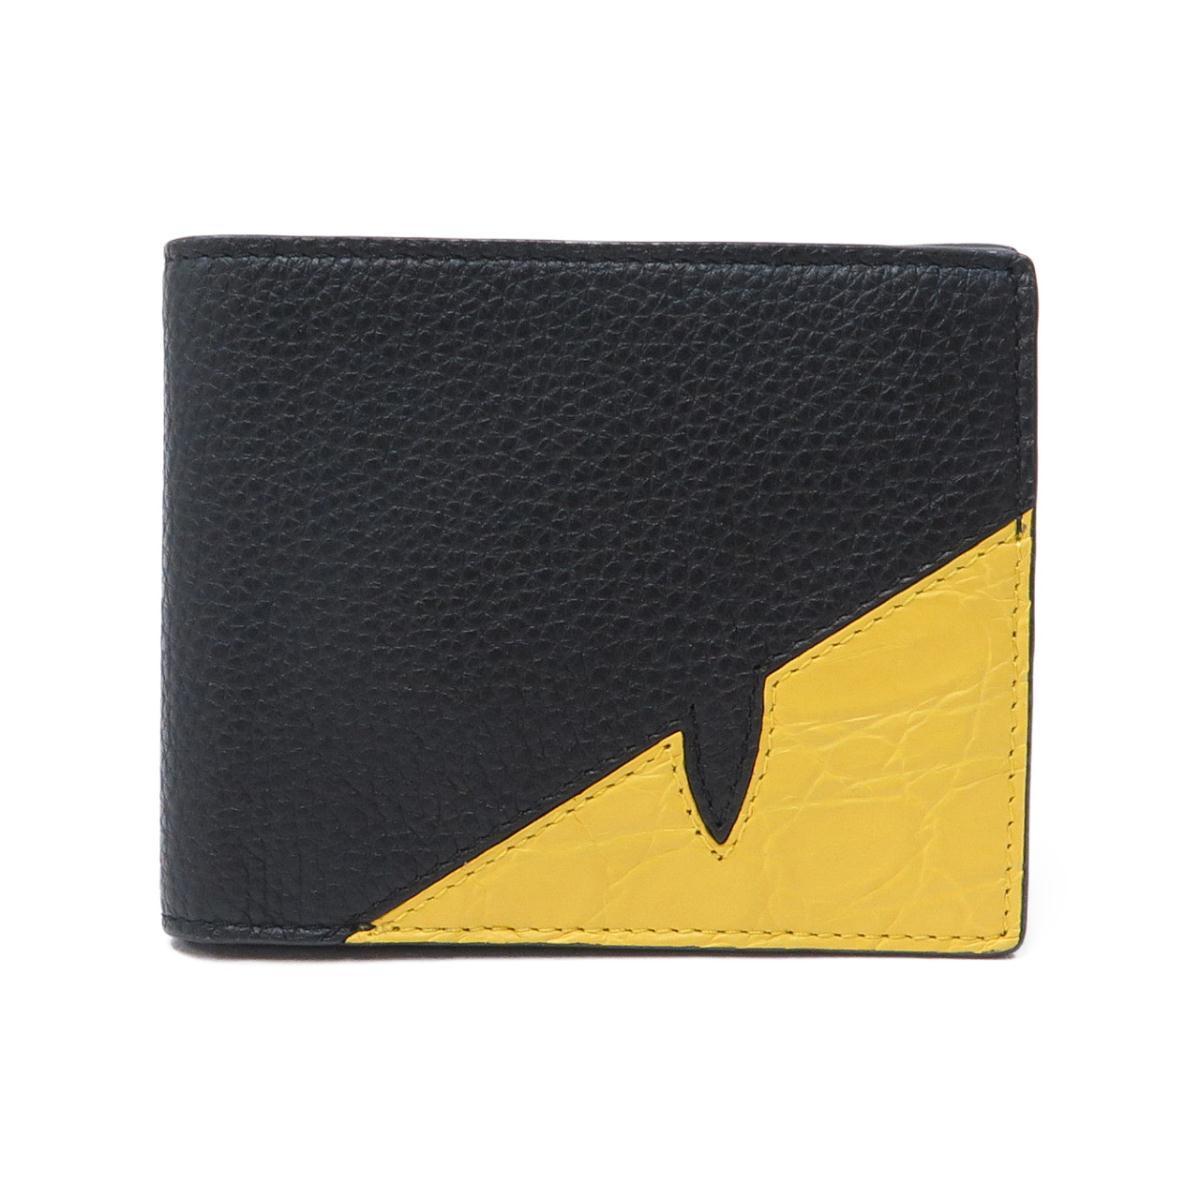 【未使用品】フェンディ 財布 7M0001 A8V7【中古】